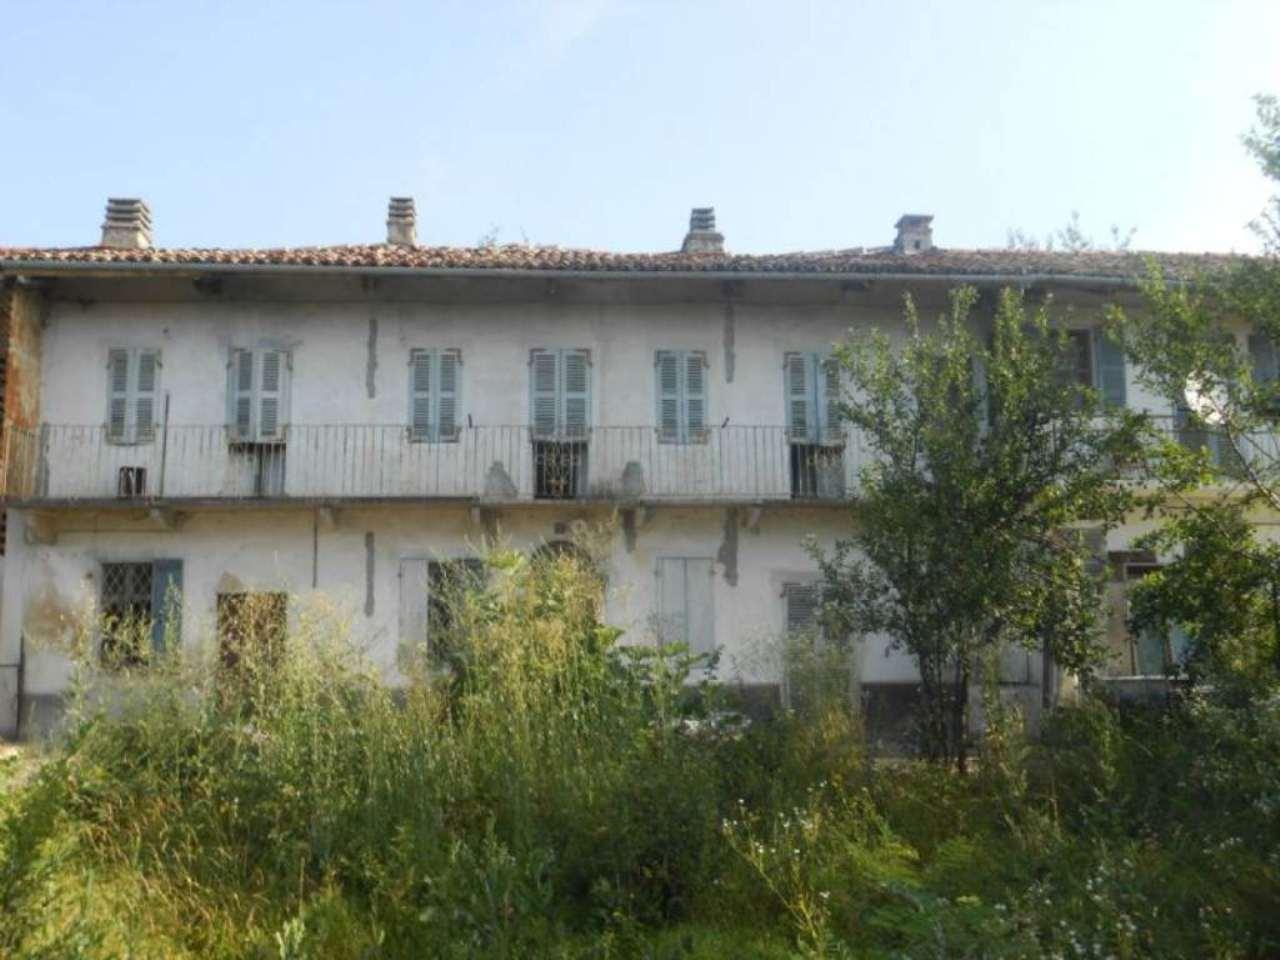 Rustico / Casale in vendita a Montiglio Monferrato, 13 locali, prezzo € 43.000 | Cambio Casa.it